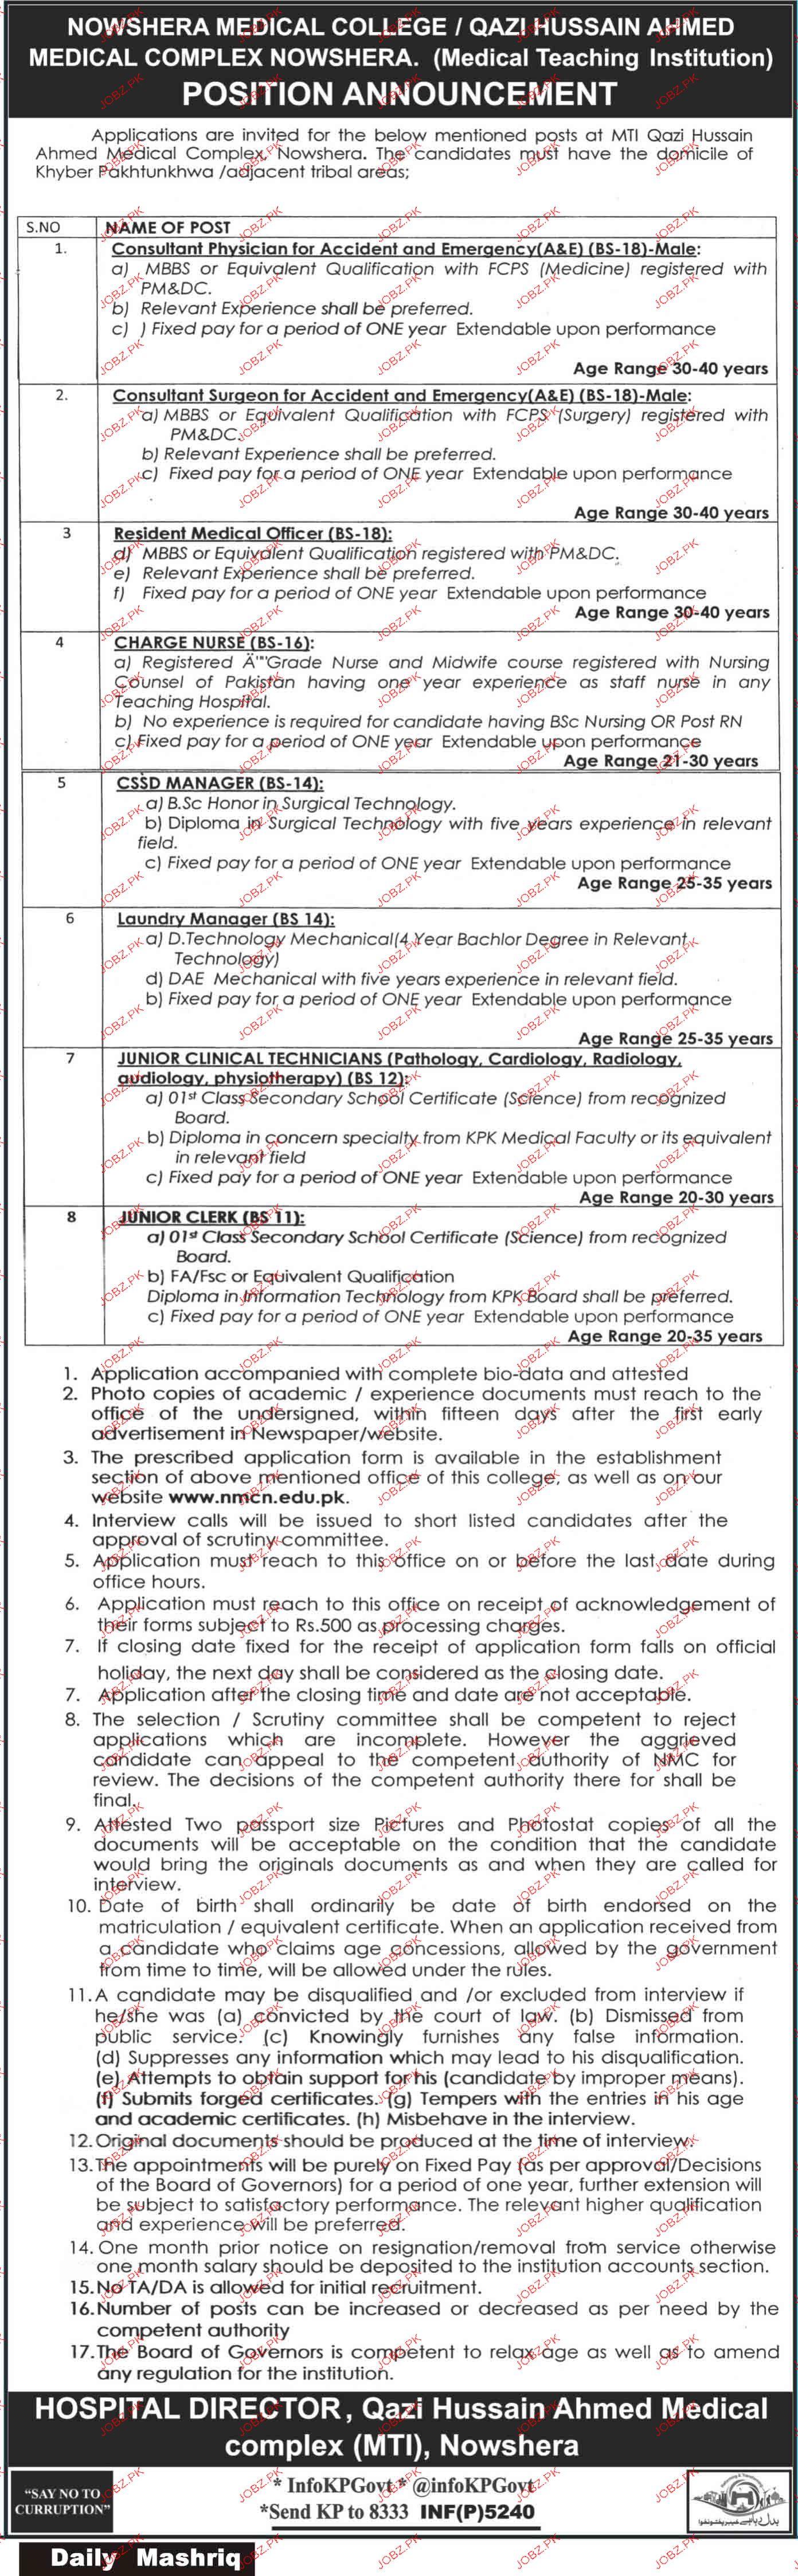 Qazi Hussain Ahmed Medical Complex Jobs